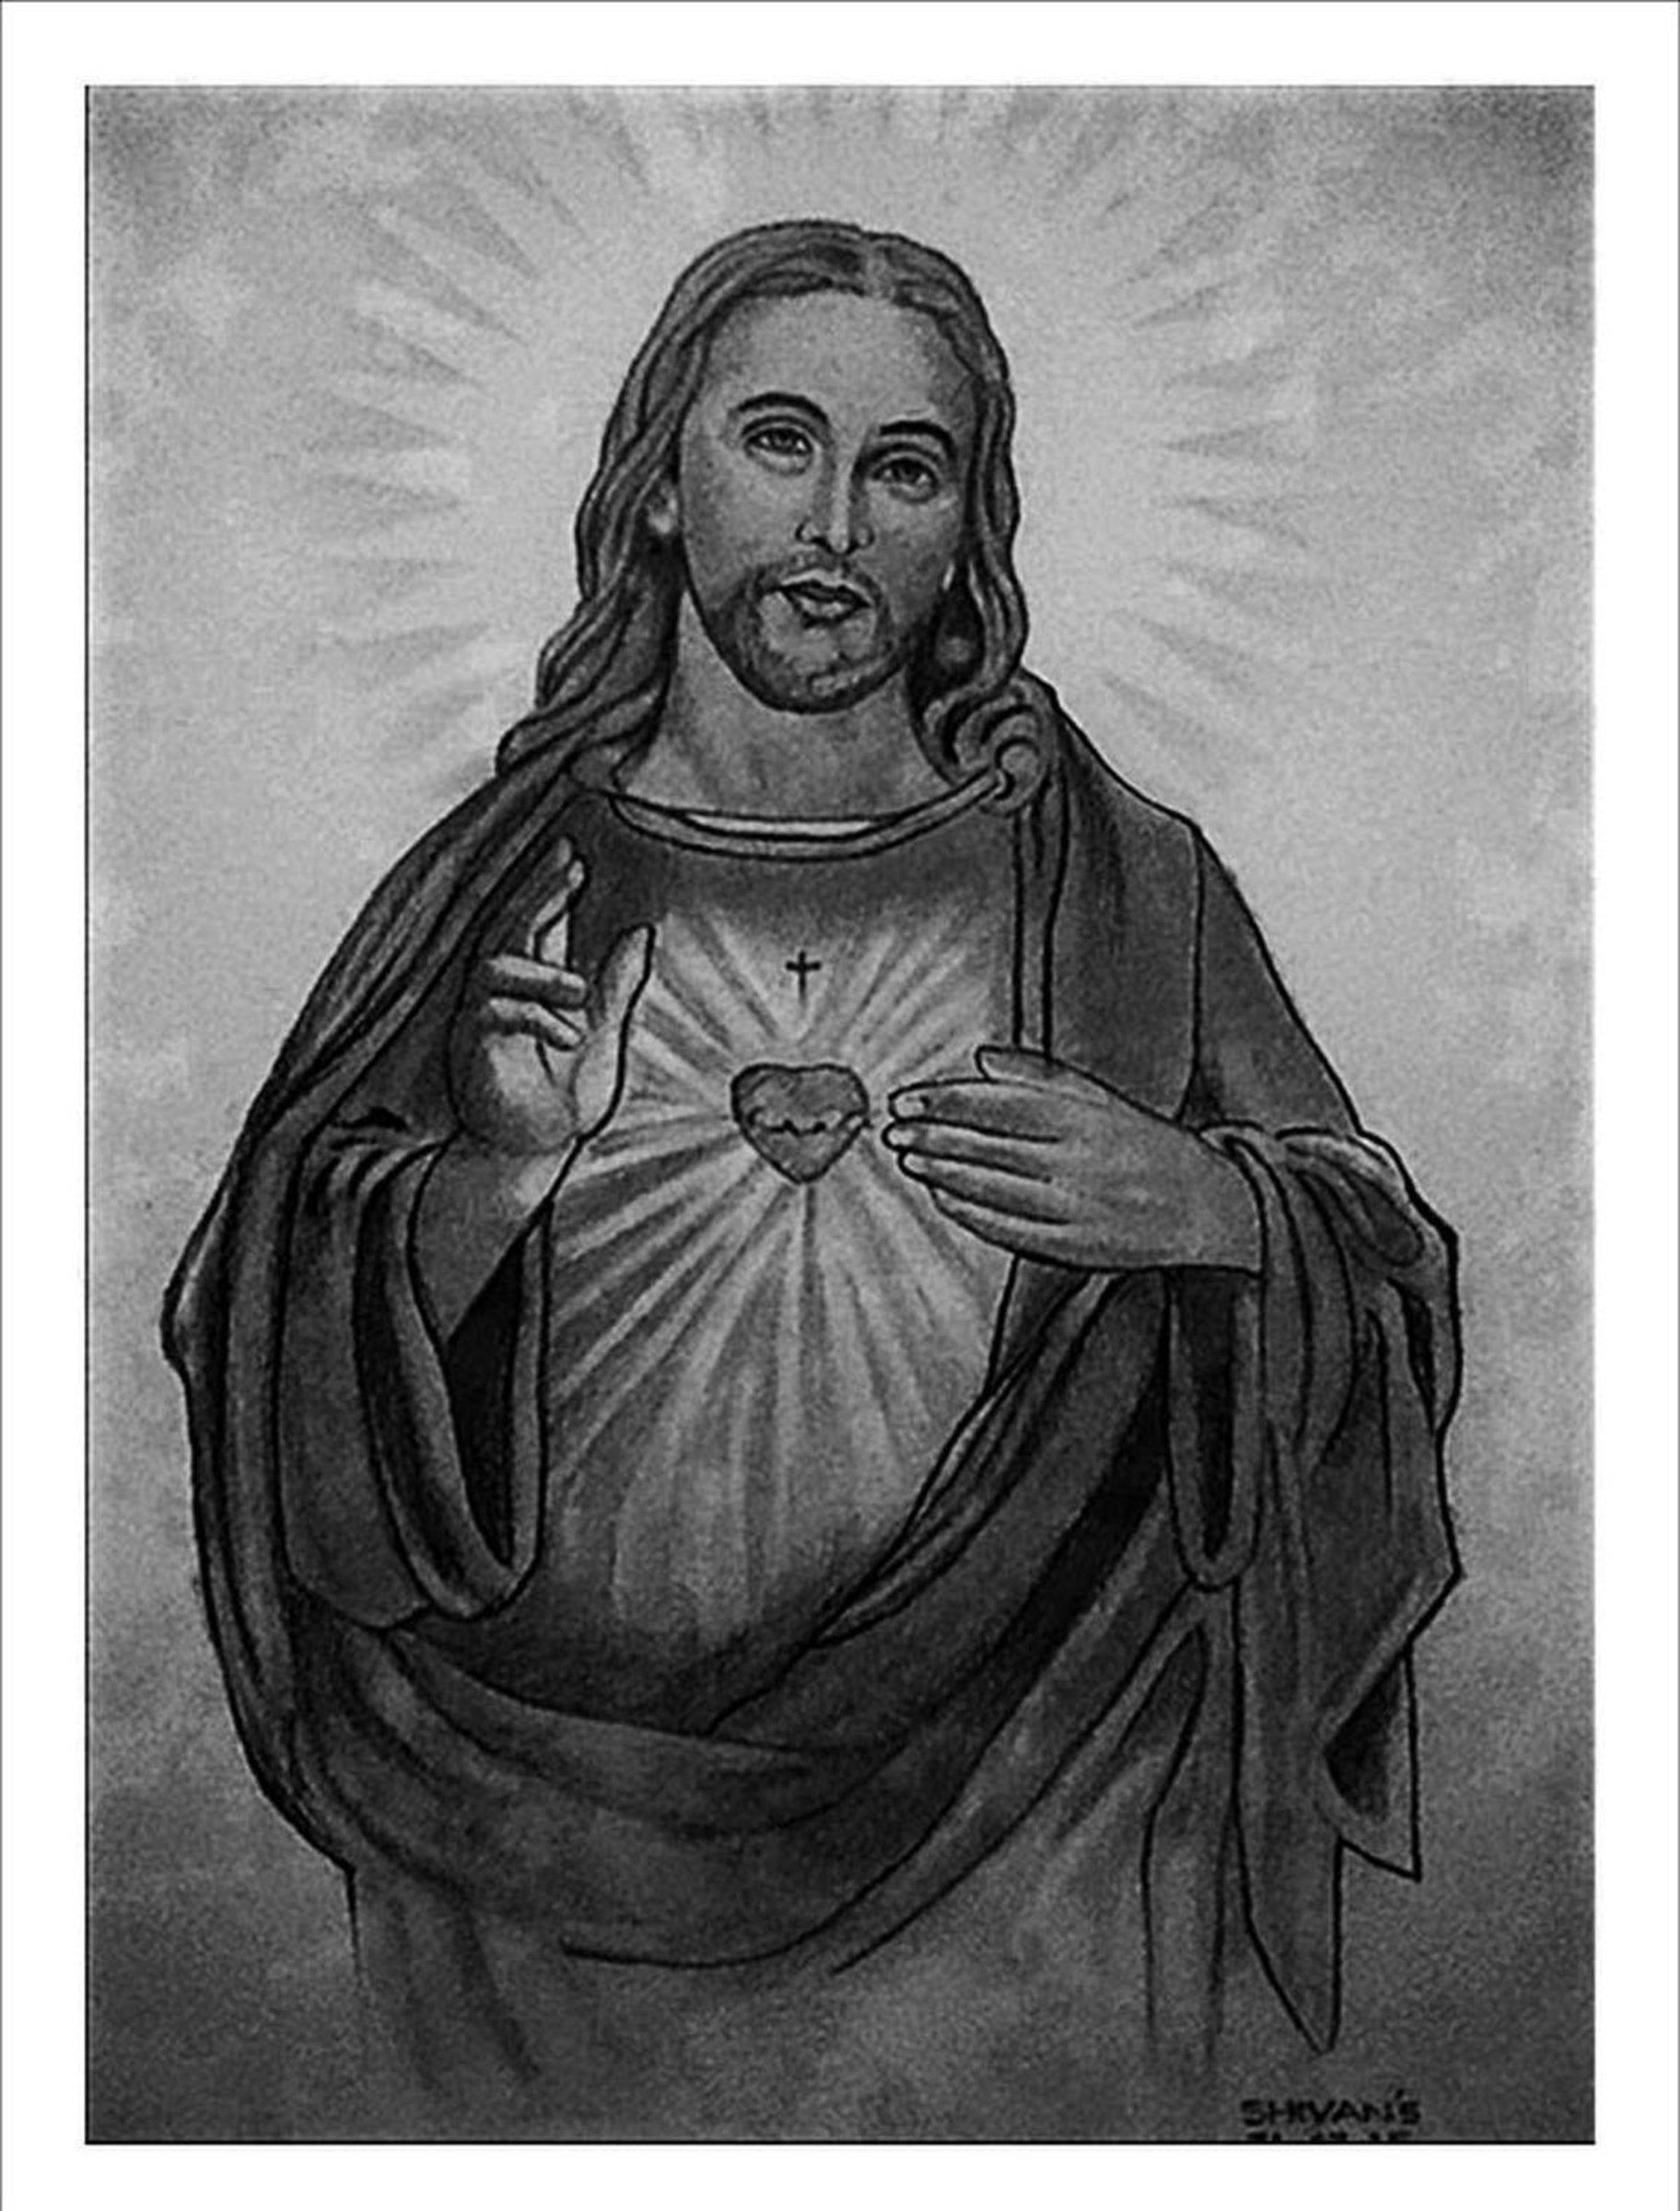 Pencil portrait of son of god jesus christ 2015